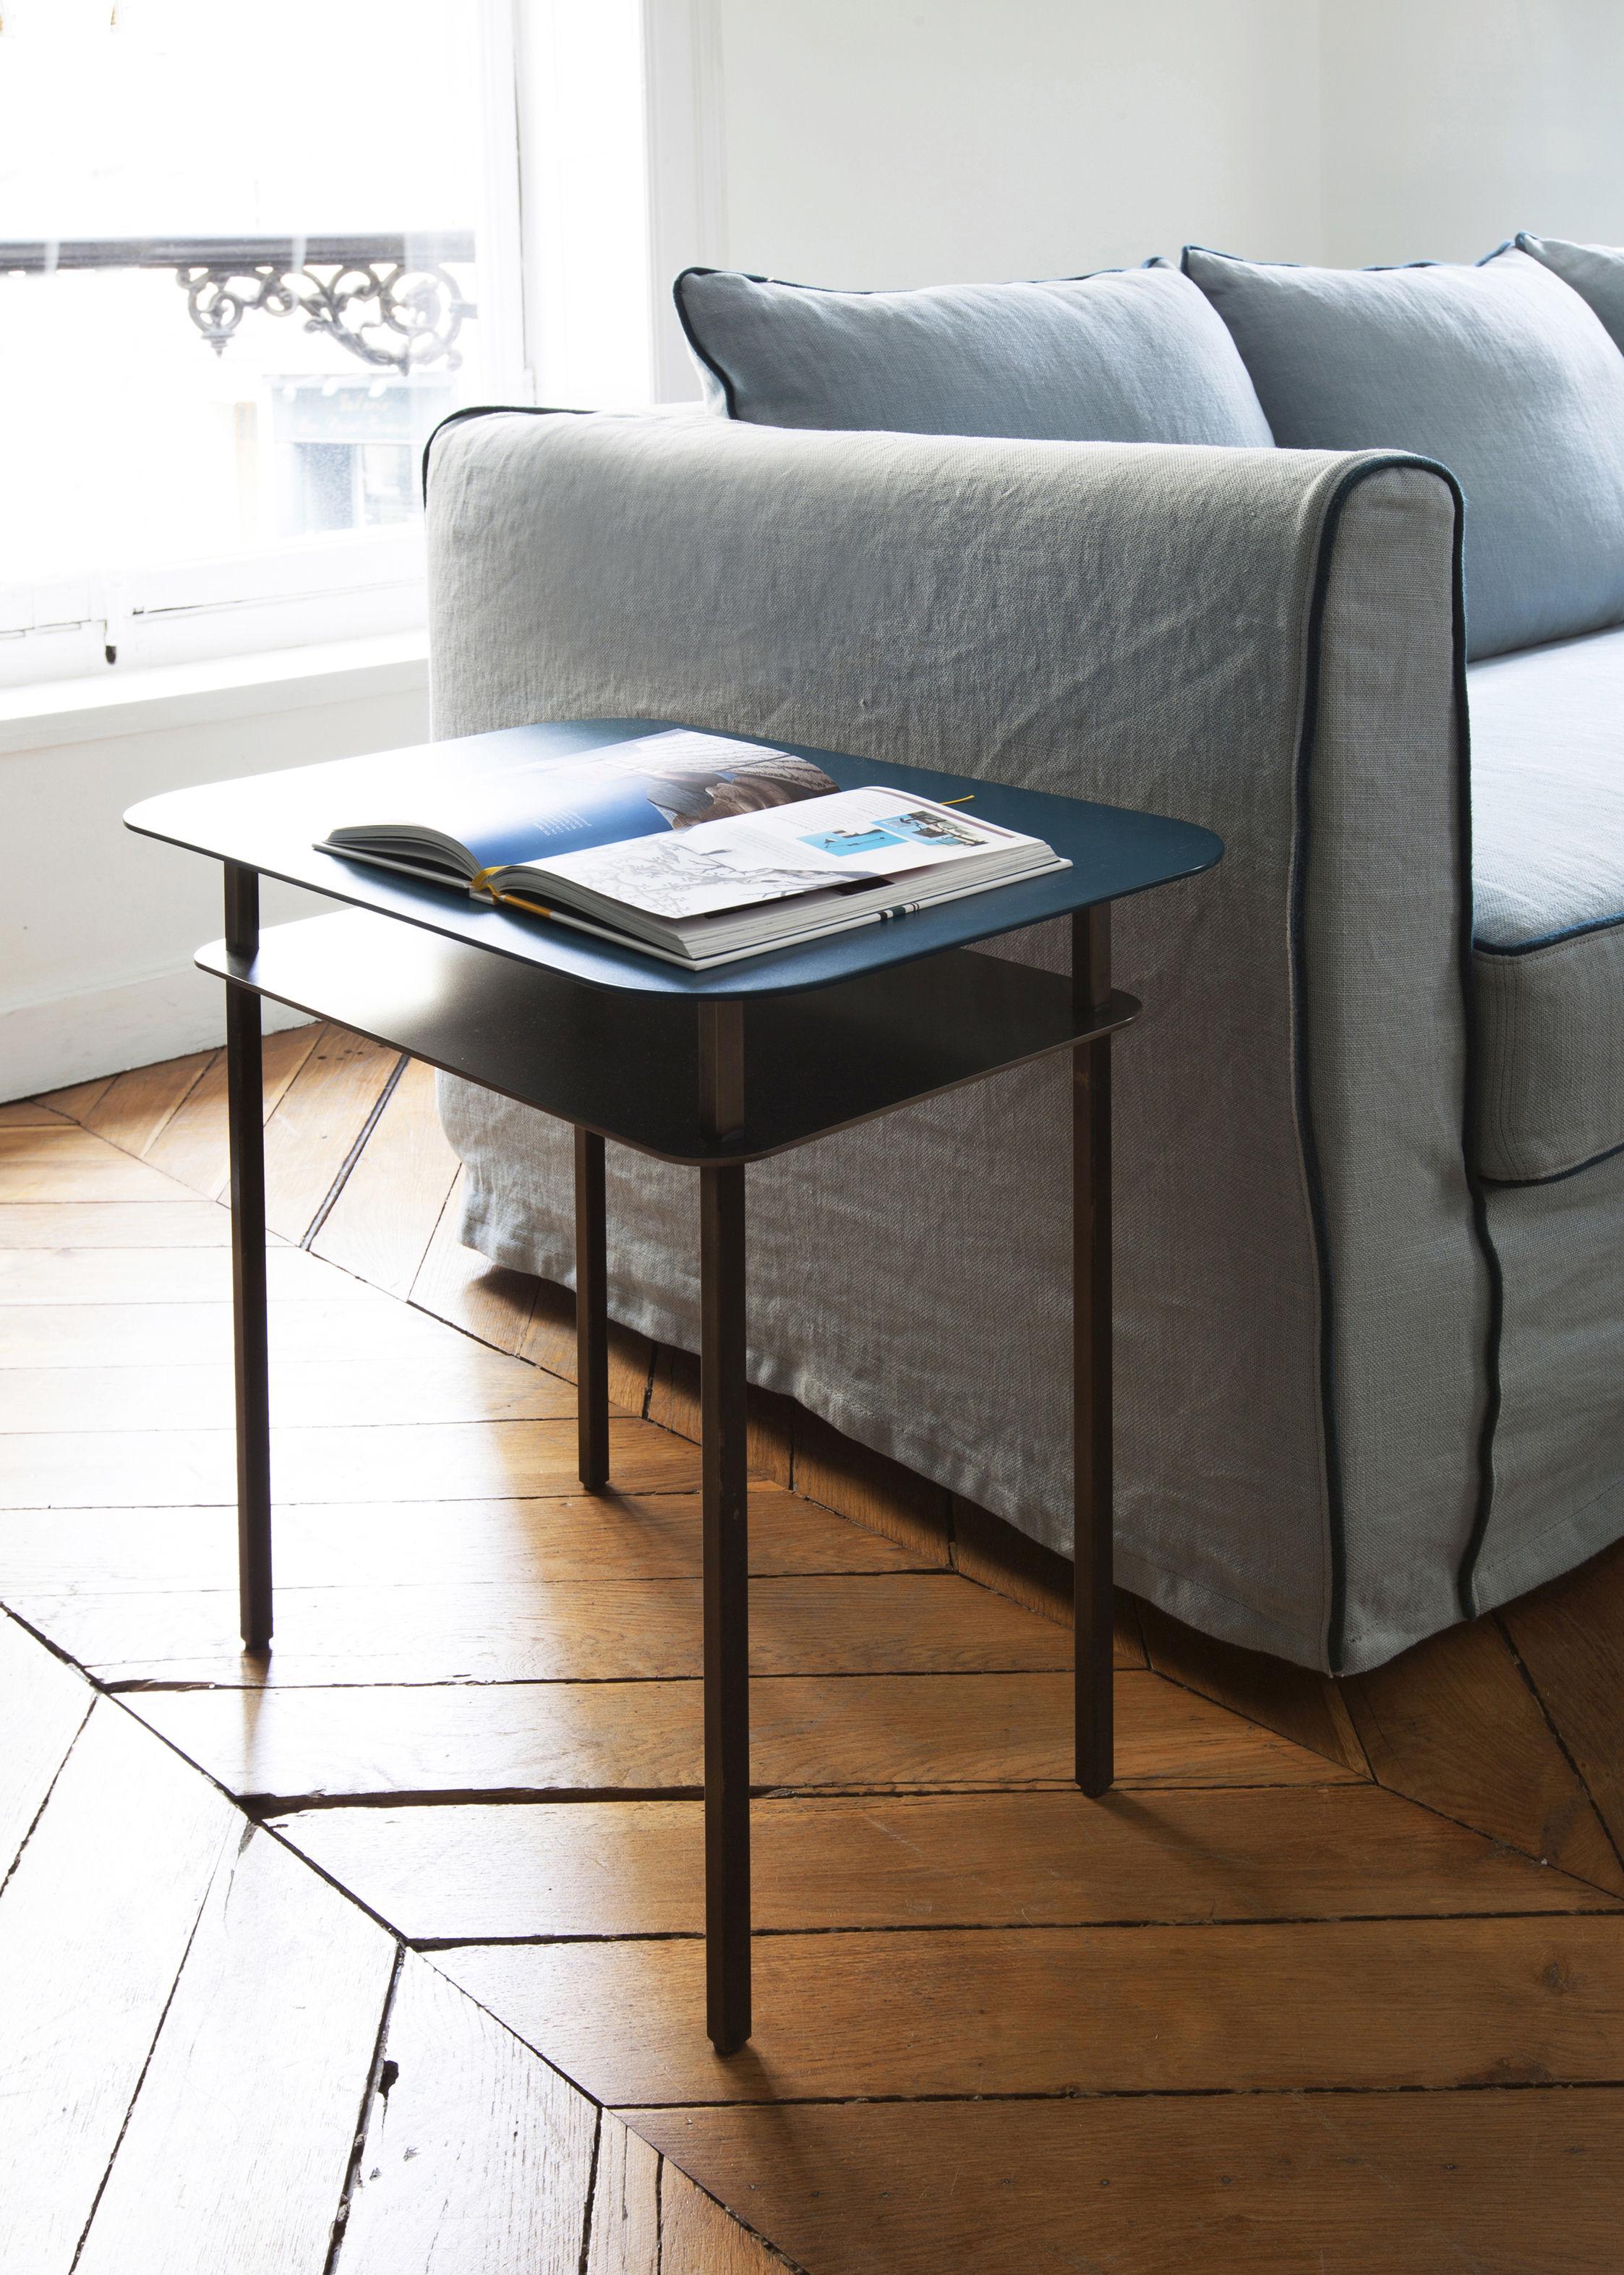 table d 39 appoint kara table de chevet 60 x 44 cm bleu sarah maison sarah lavoine. Black Bedroom Furniture Sets. Home Design Ideas